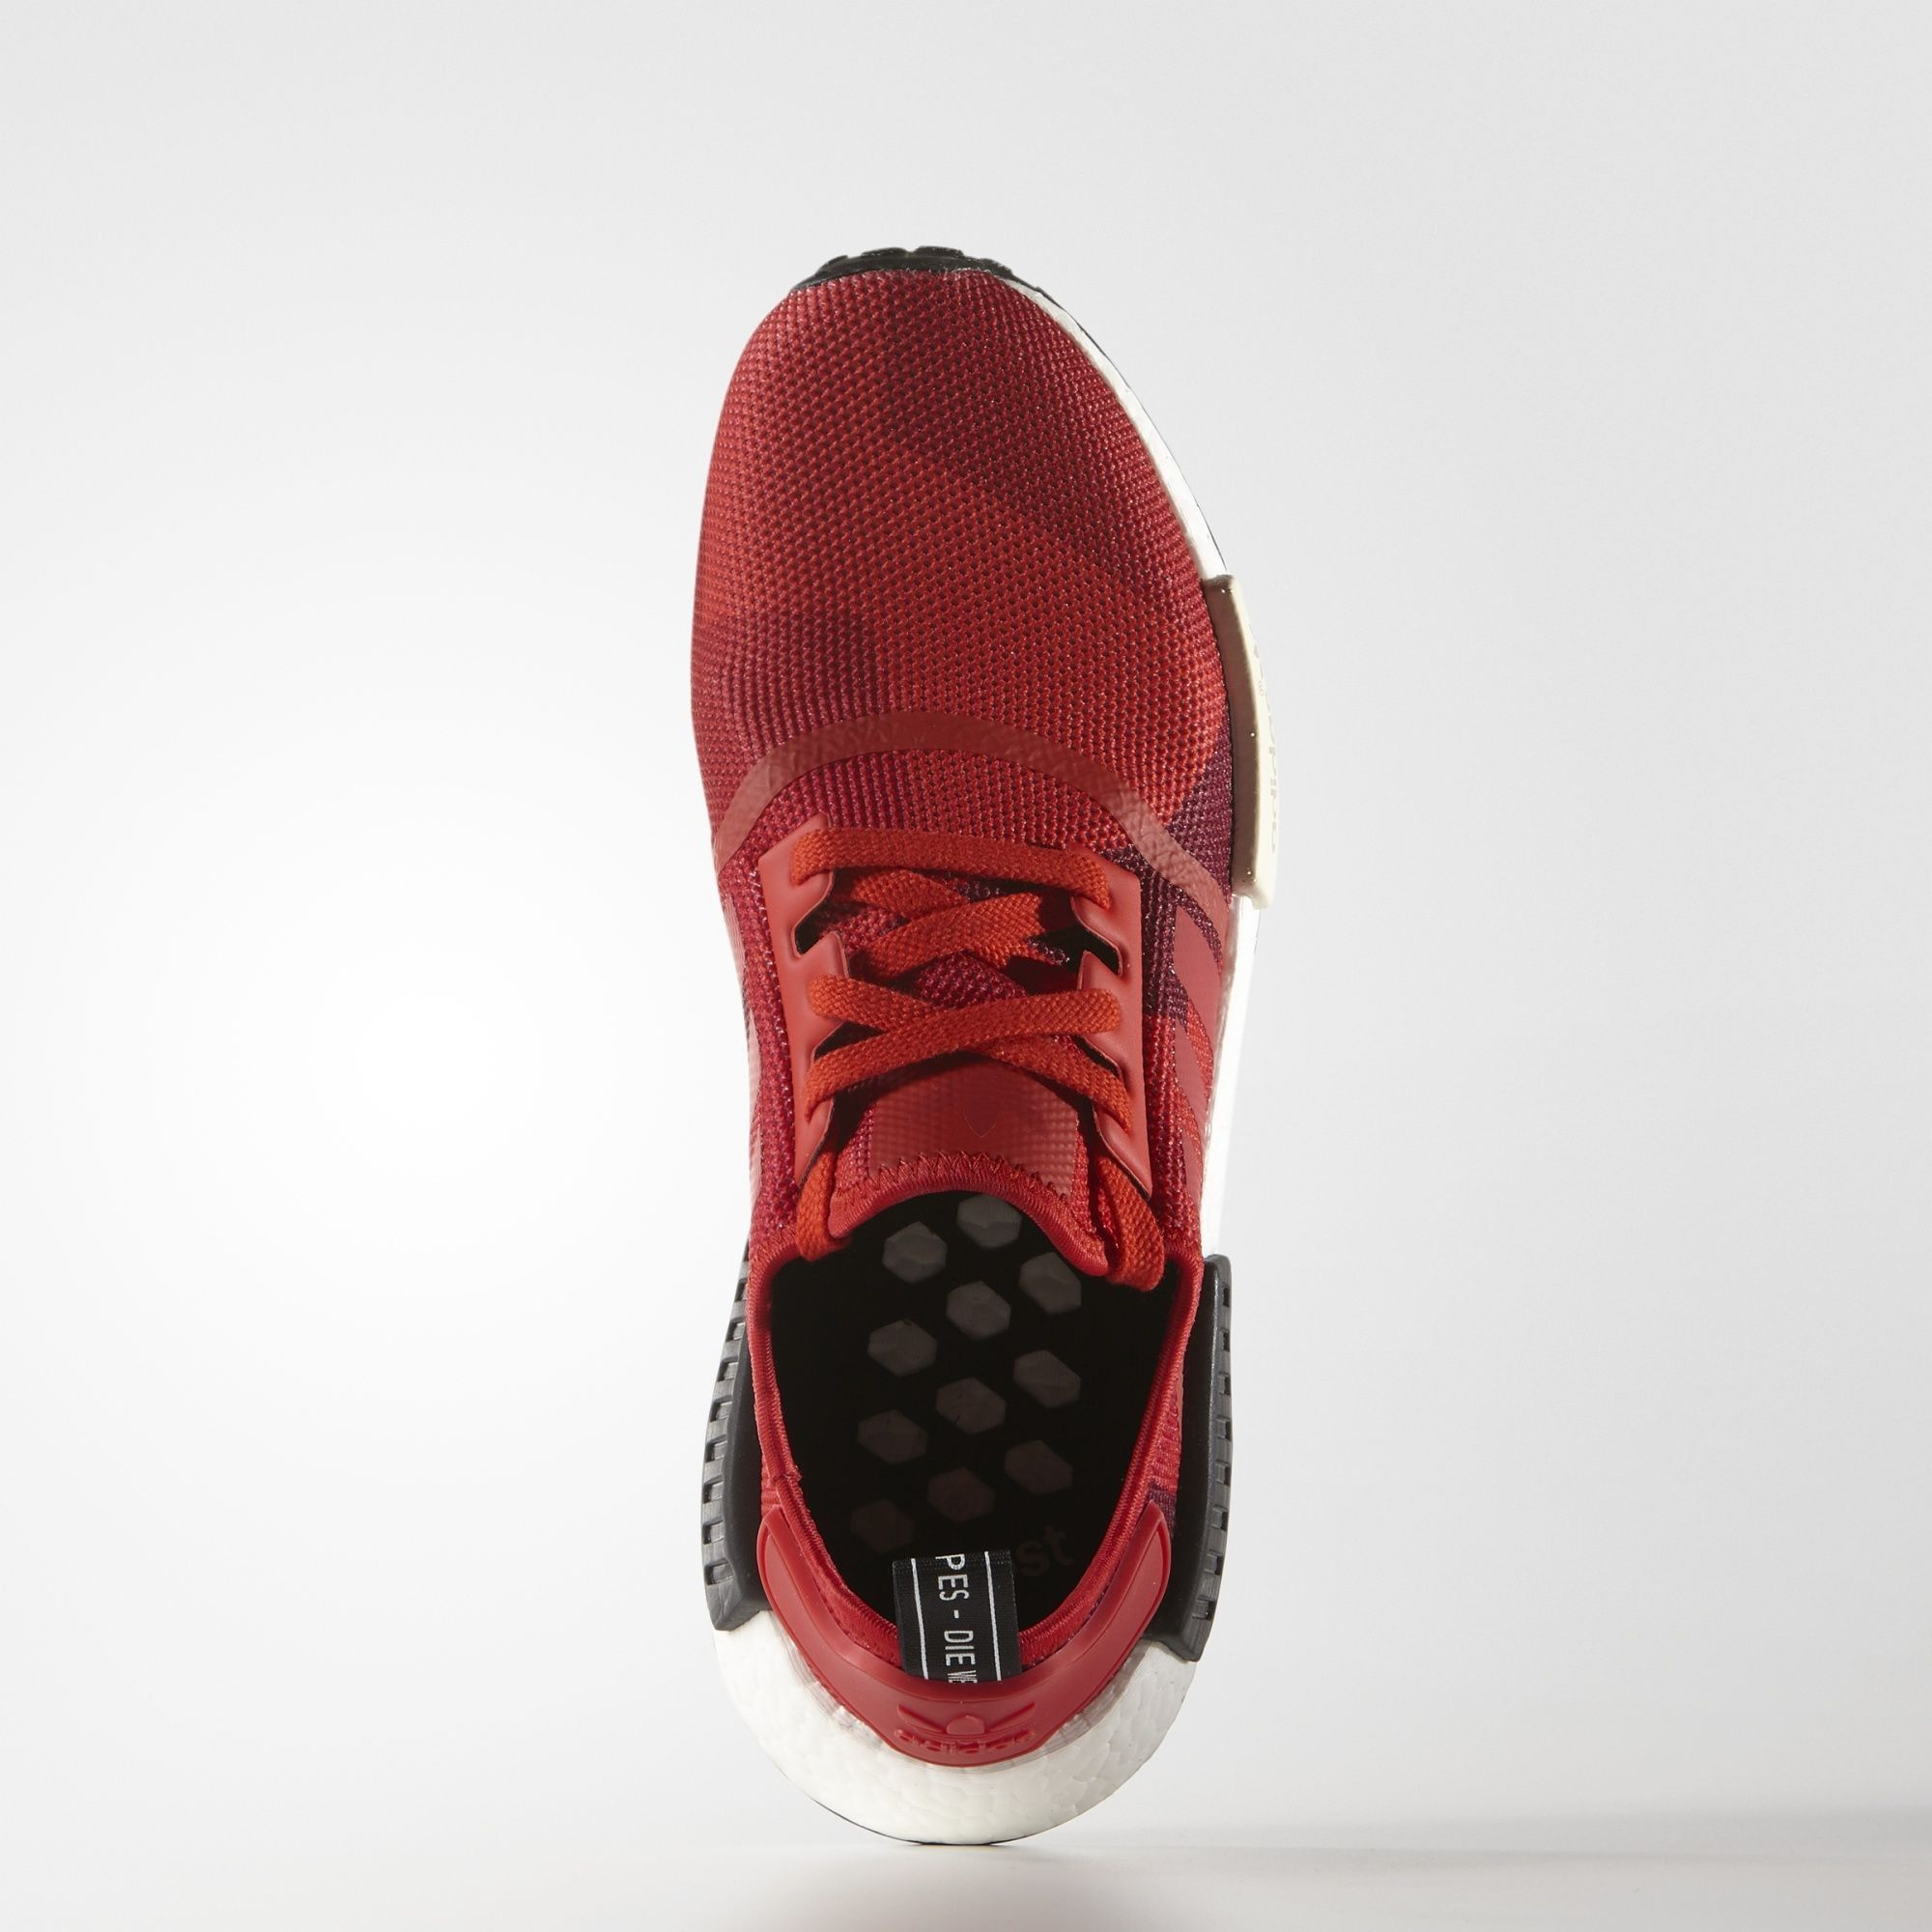 adidas bounce titan cuir  homme  en noir et blanc des baskets adidas